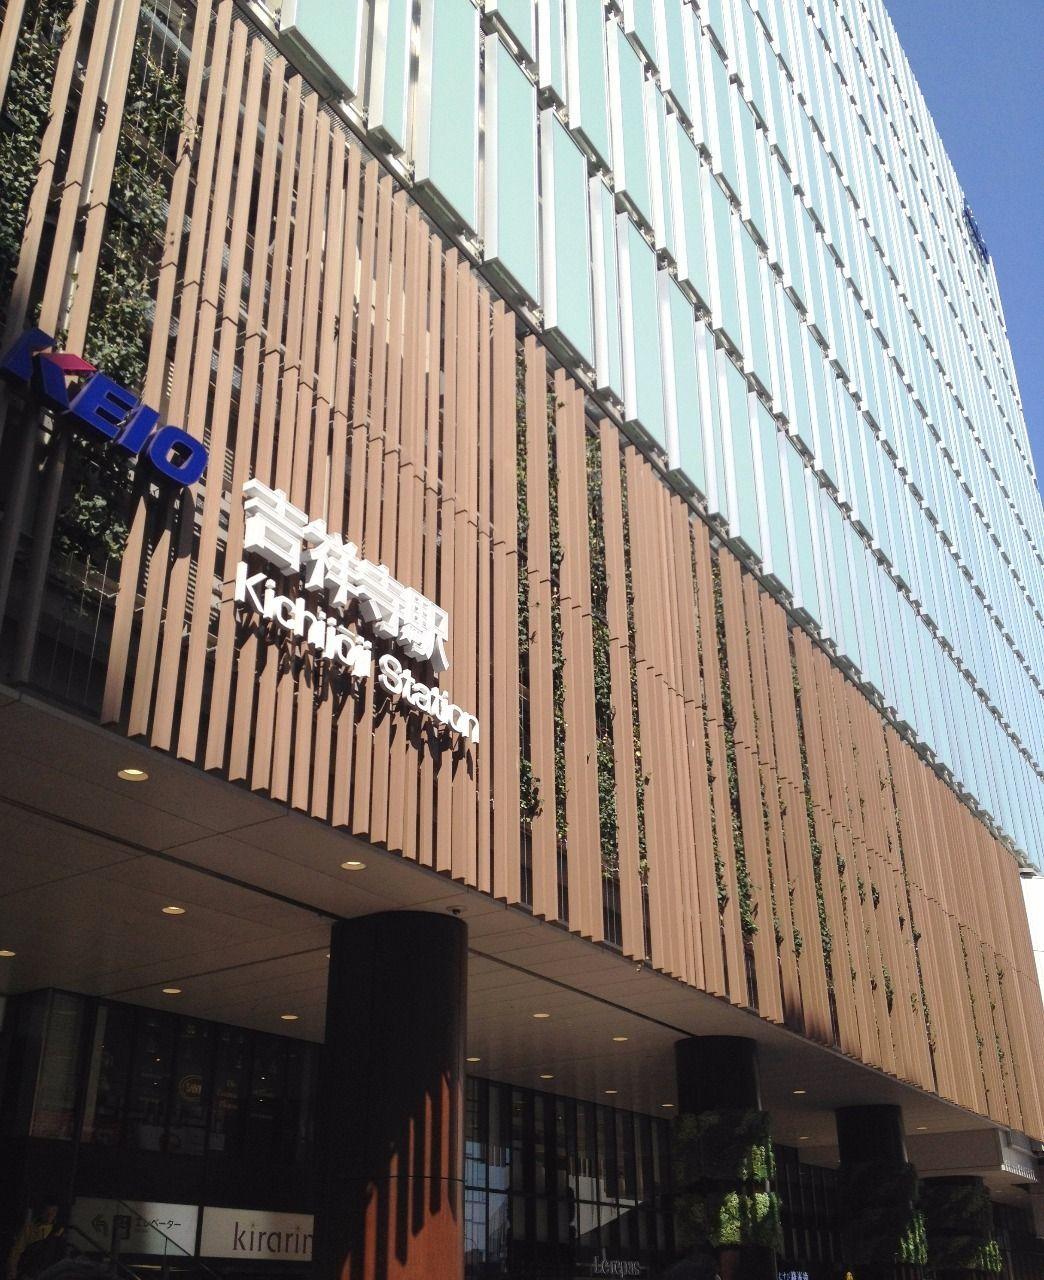 キラリナをはじめ、駅ビルのアトレはファッションや食事で楽しめます。21時まで営業のユザワヤはキラリナの8・9階です。